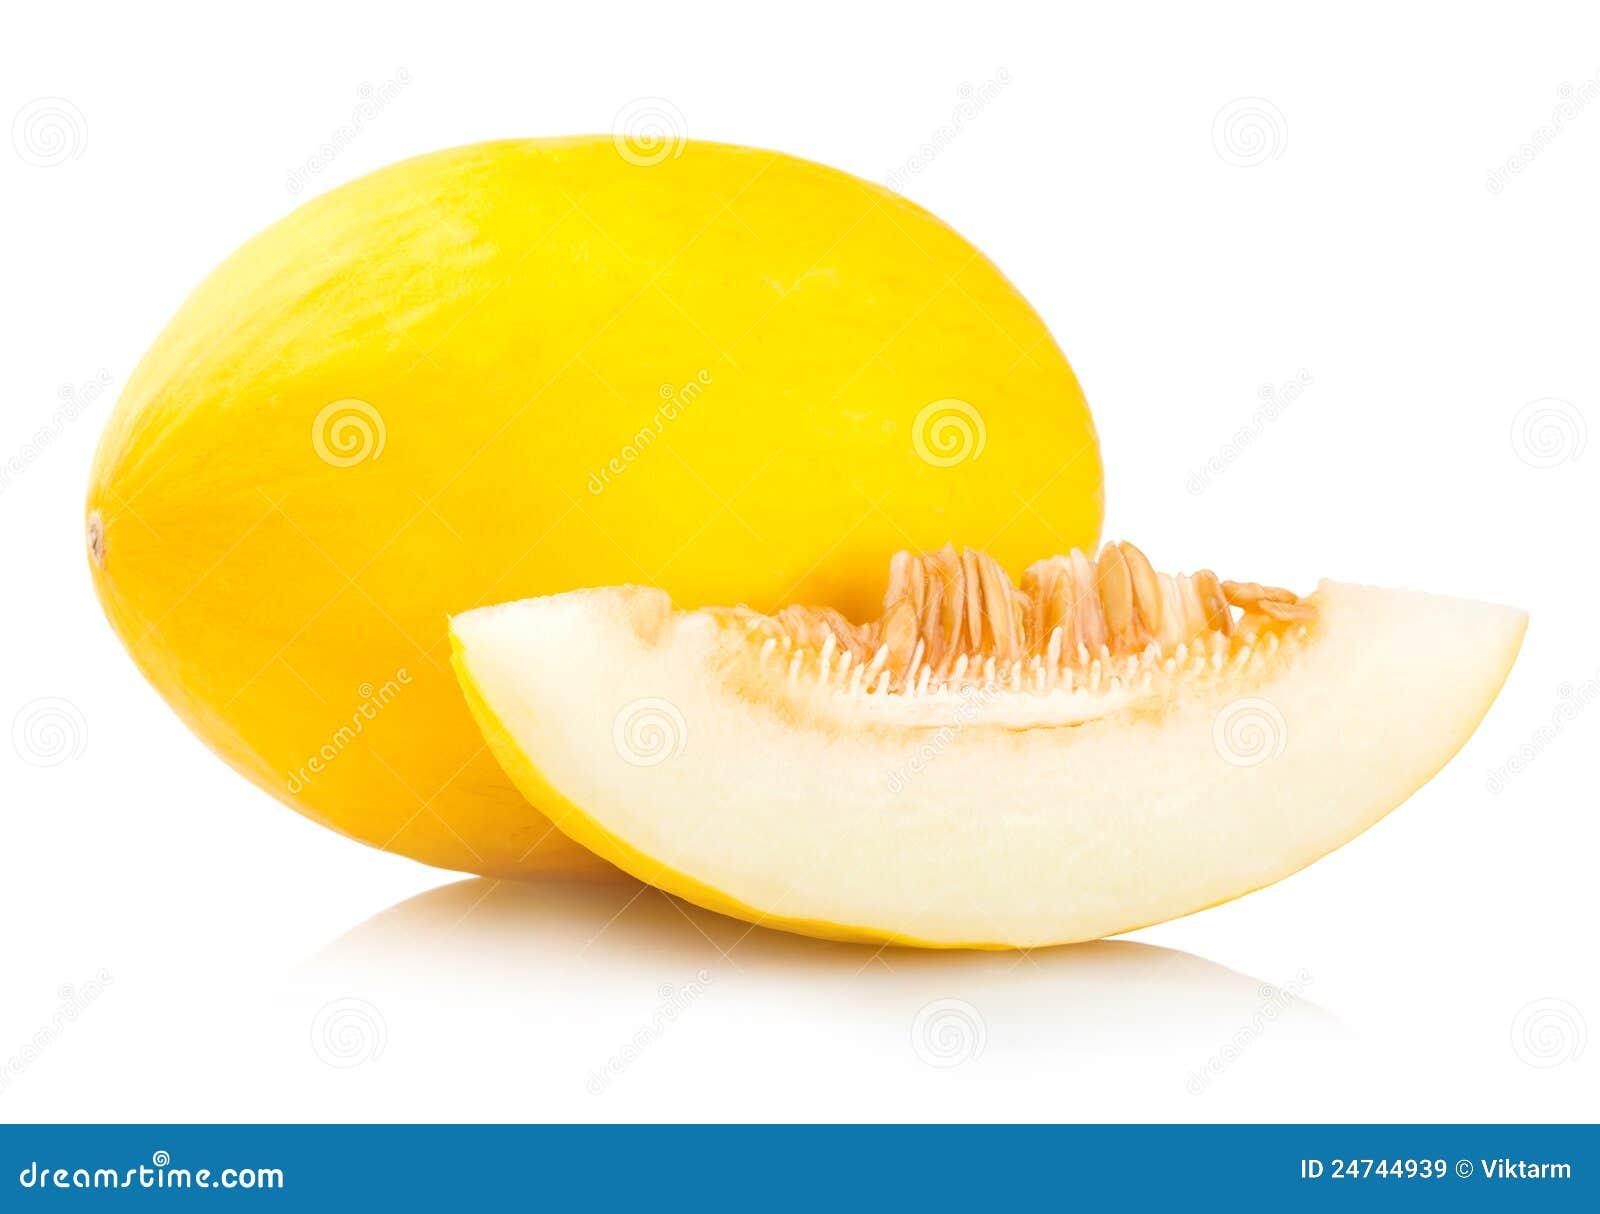 Melons for you melones para los amigos - 3 part 7